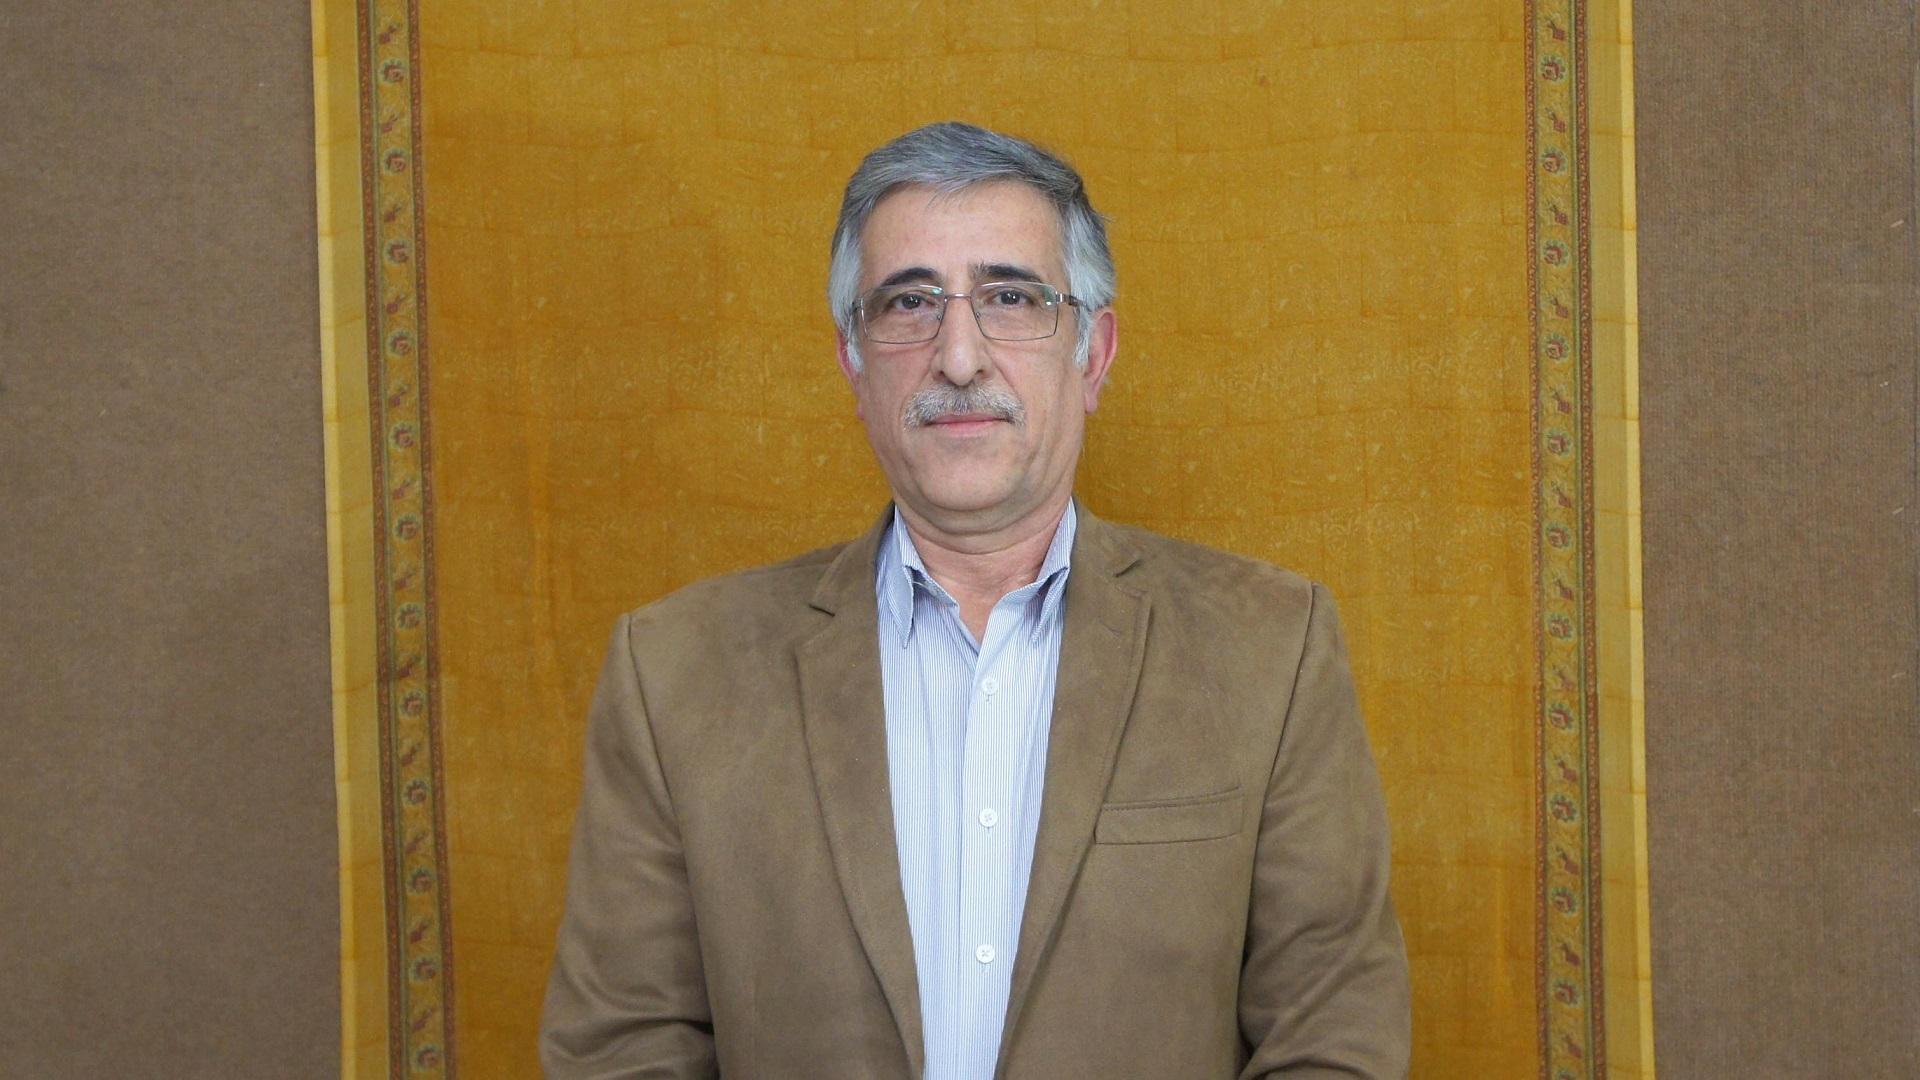 مهندس غلامرضا فرهنگ| هیئت مدیره آموزشگاه موسیقی وهنرهای تجسمی آوای جاوید